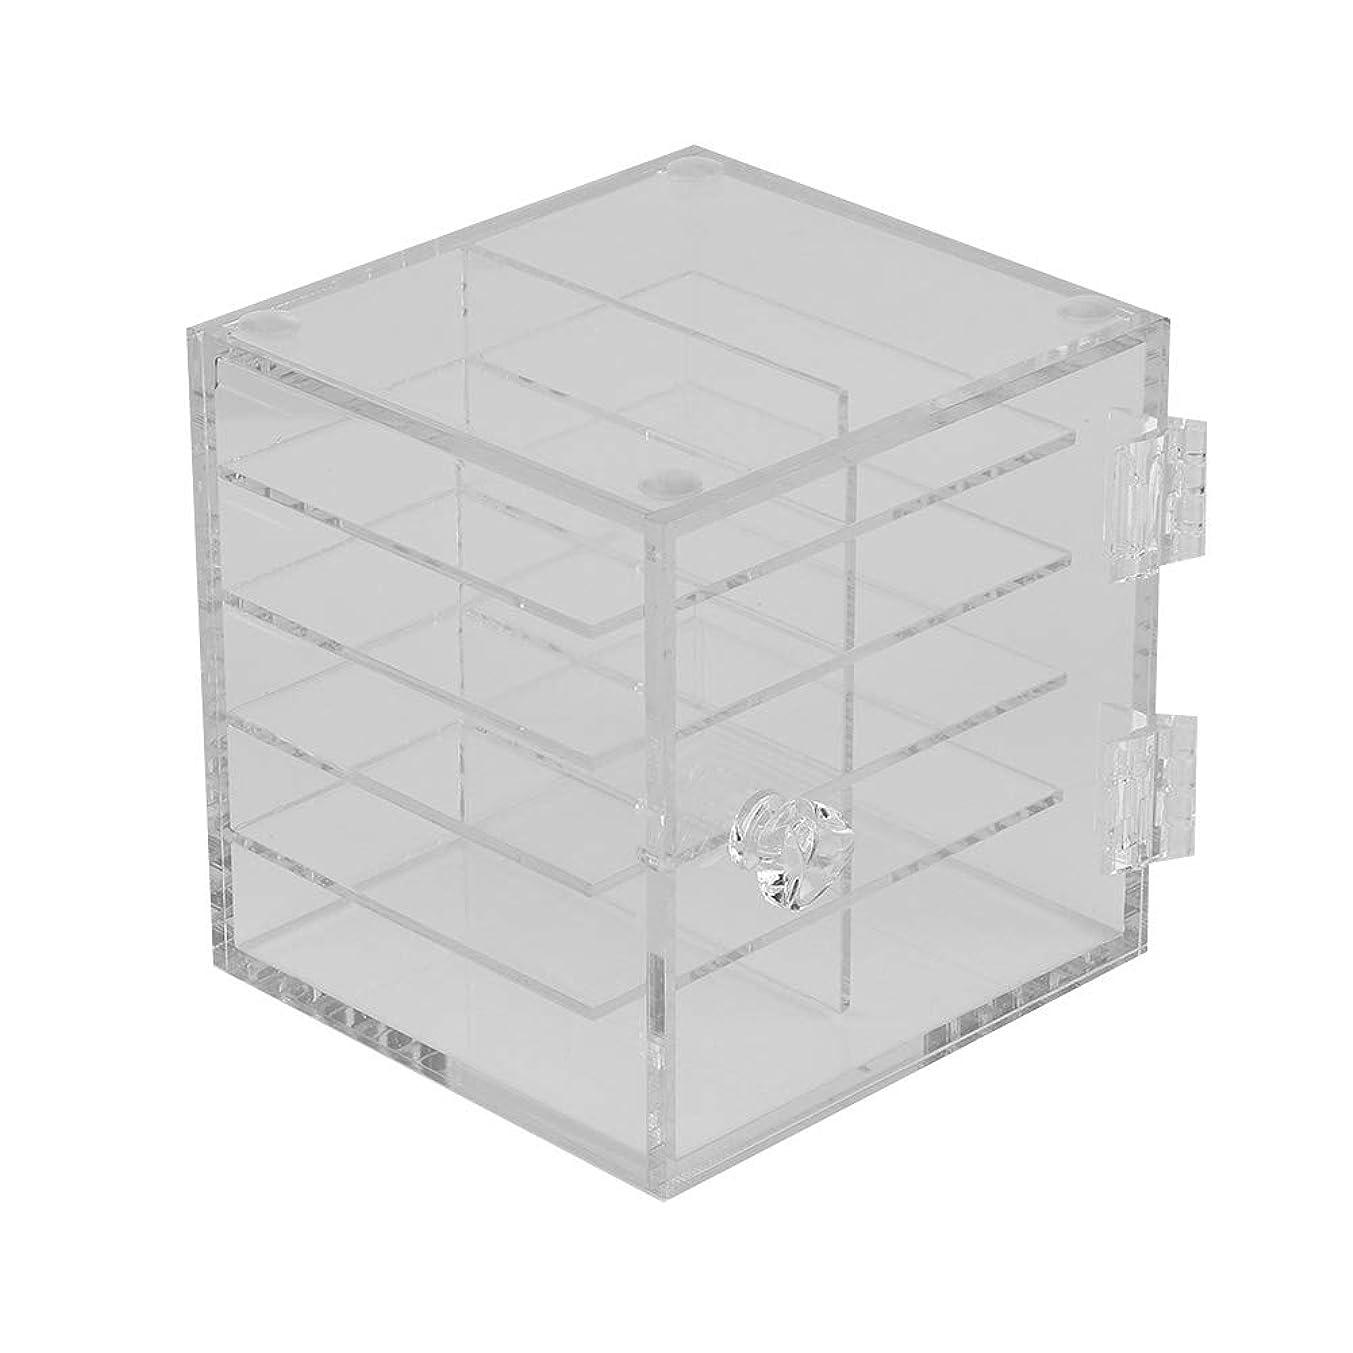 法律三膨張する6層 まつげ収納ブックス アクリル製 まつげ収納ケース まつげエクステンションツール 小物収納ボックス透明 卓上化粧ボックス アクリル収納